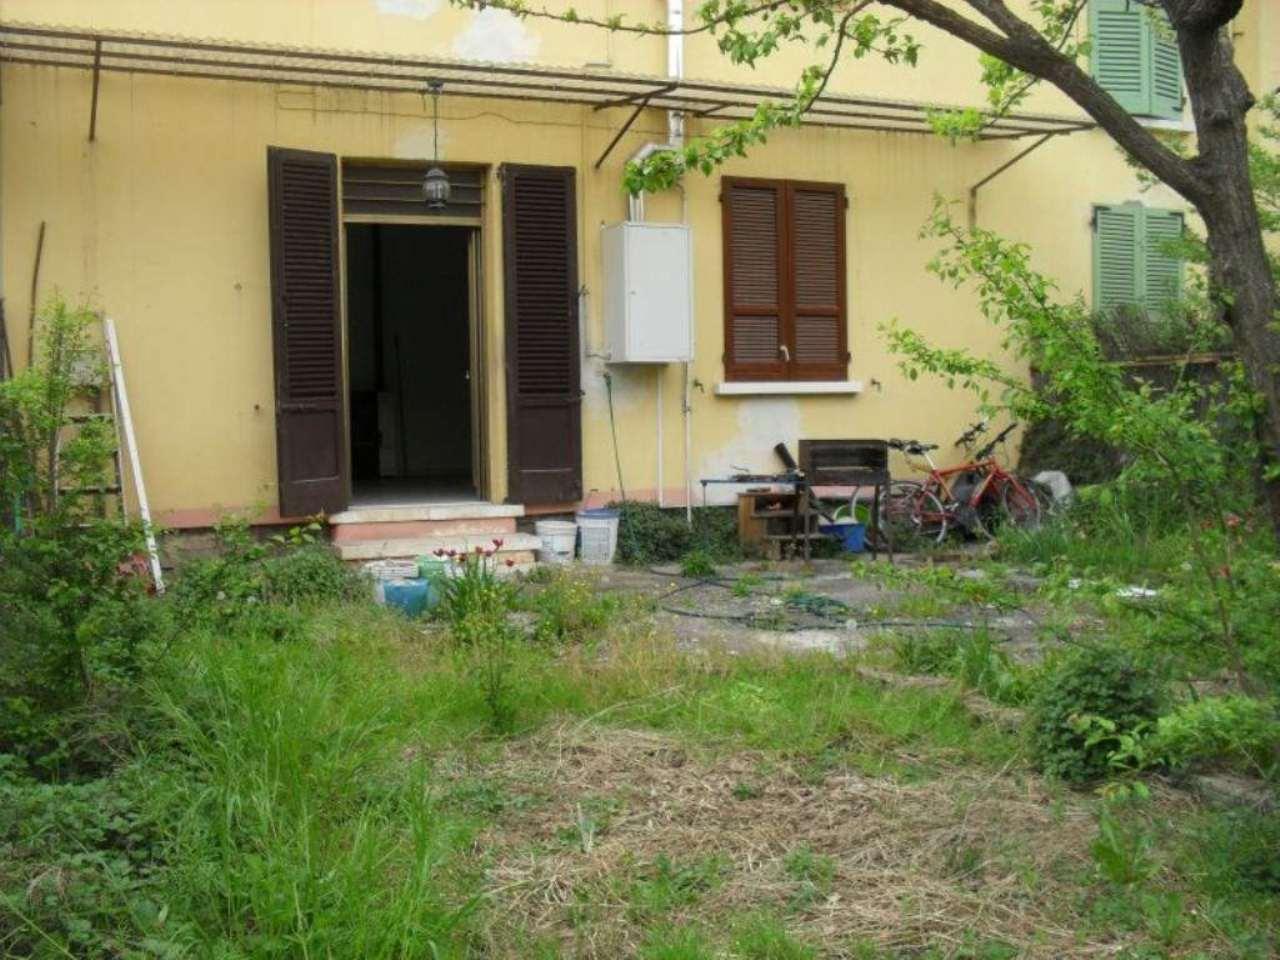 Soluzione Indipendente in vendita a Rezzato, 3 locali, prezzo € 100.000 | Cambio Casa.it